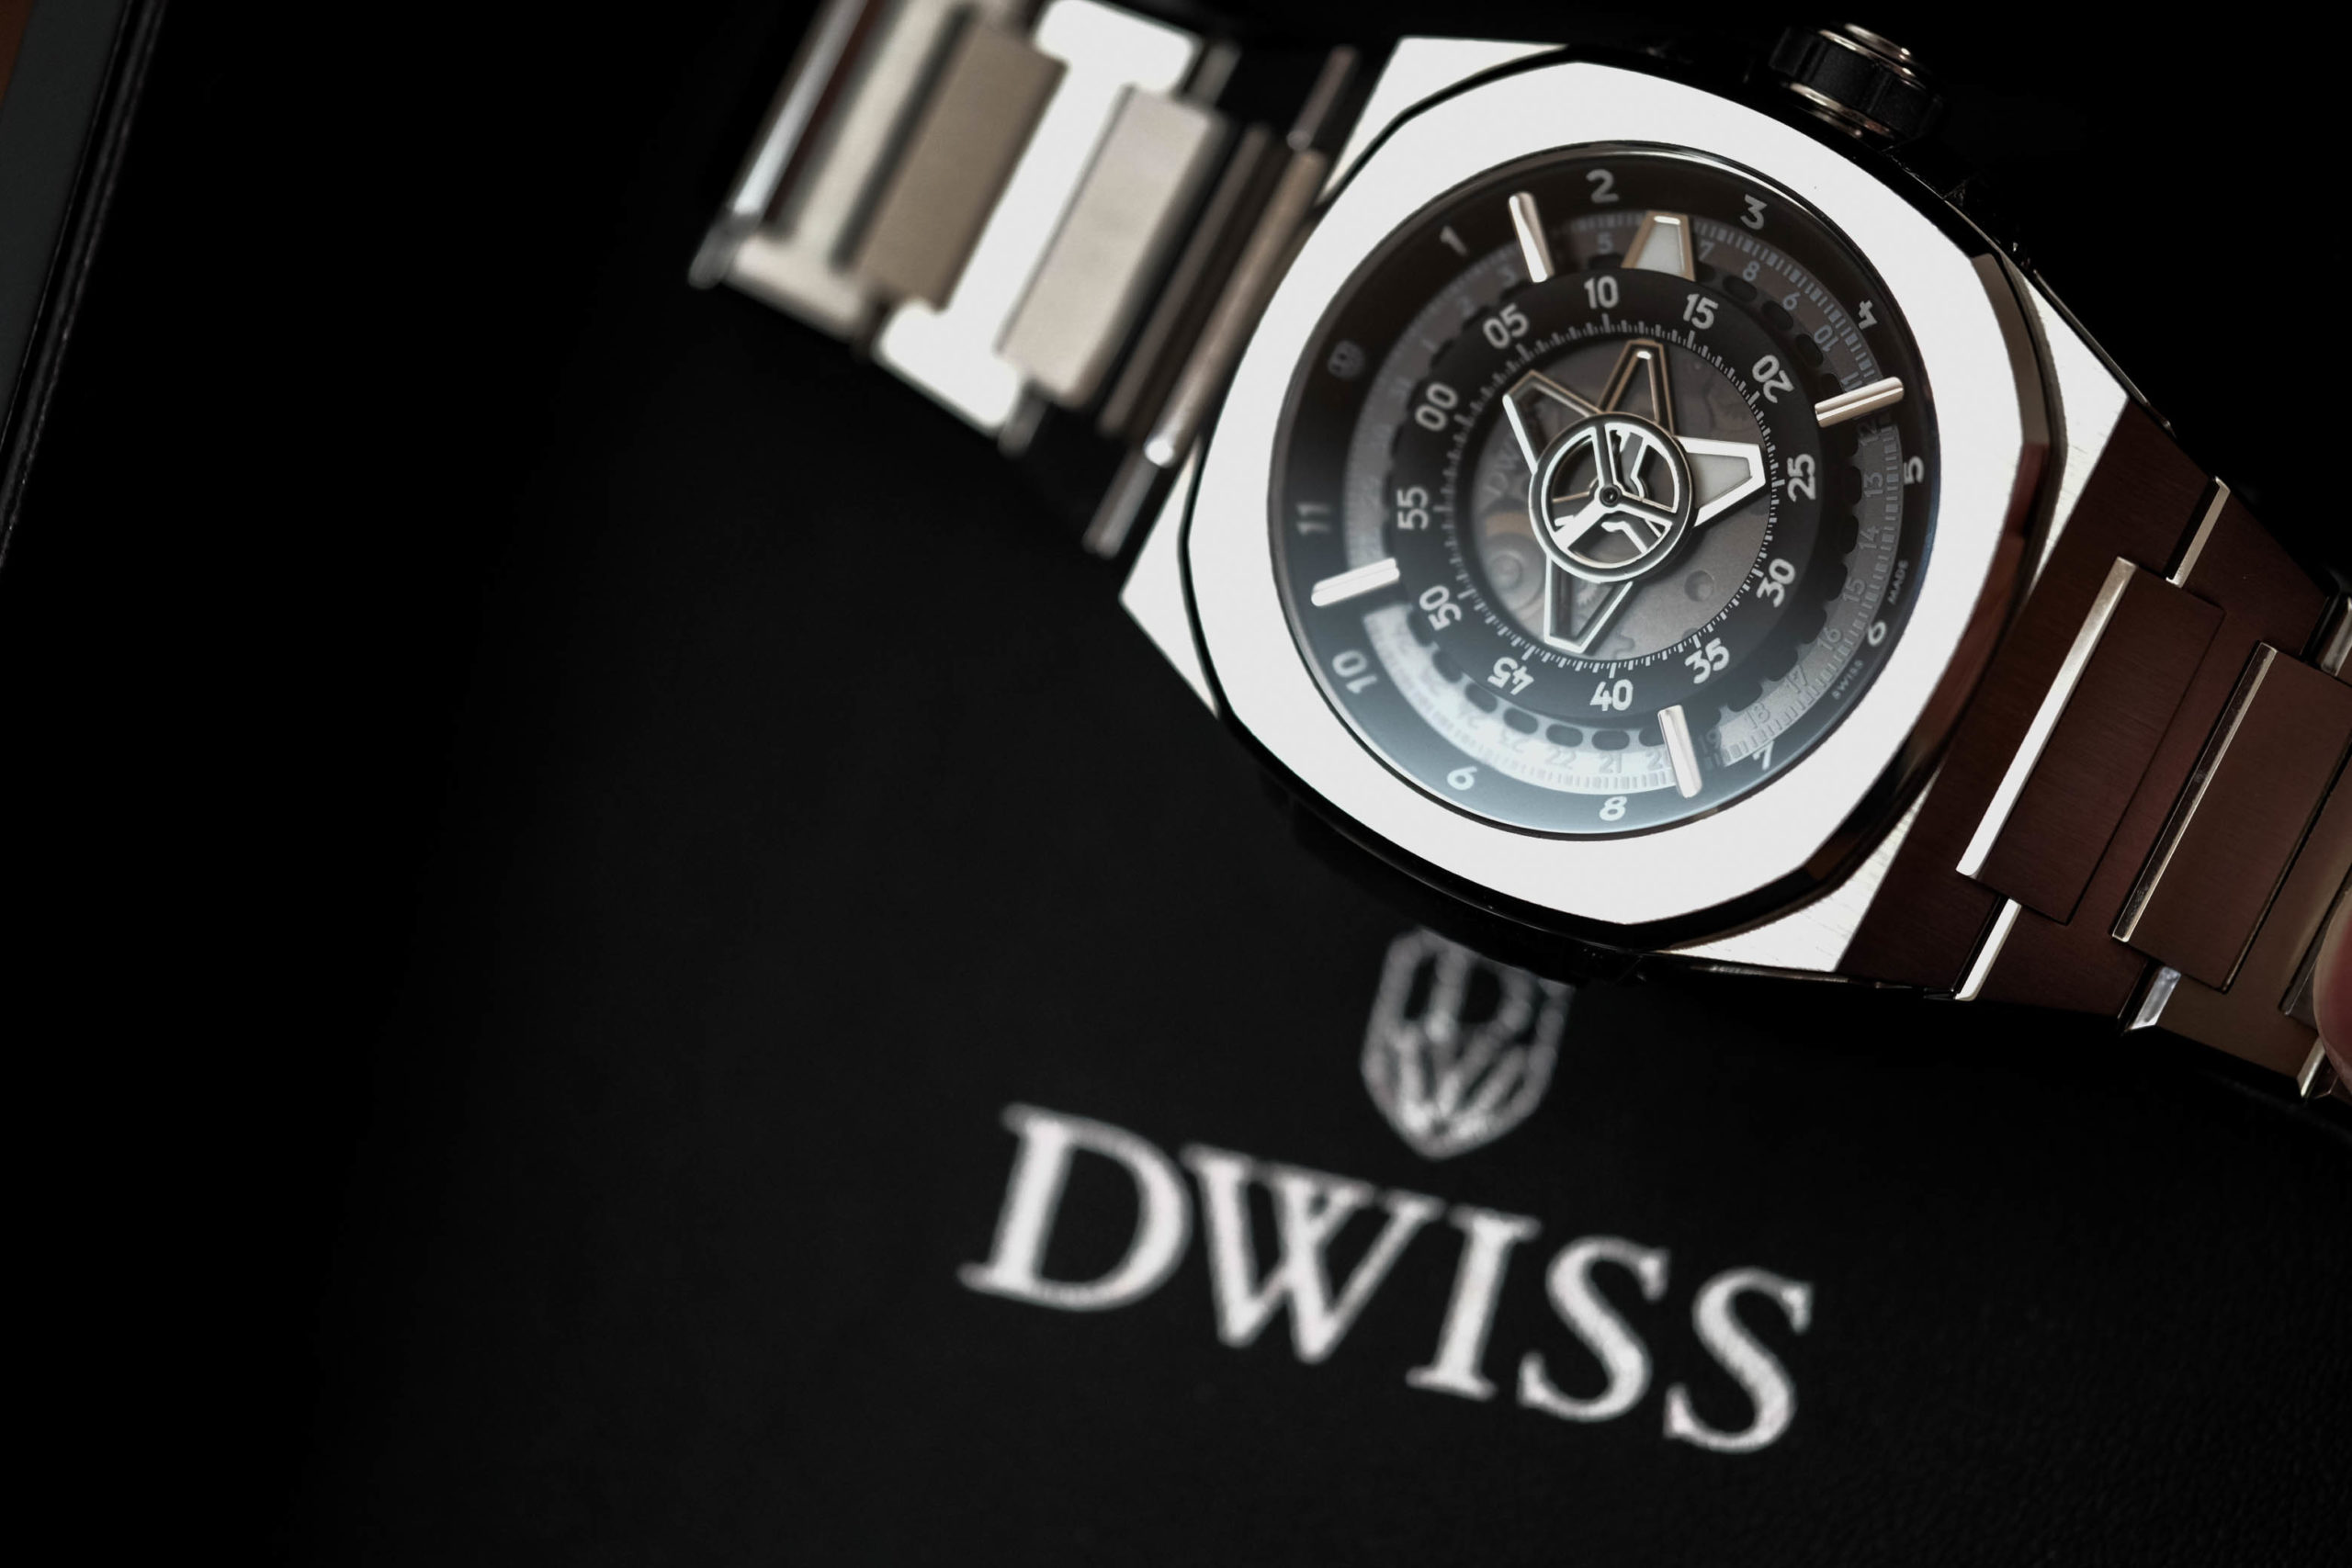 DWISS Logo with watch